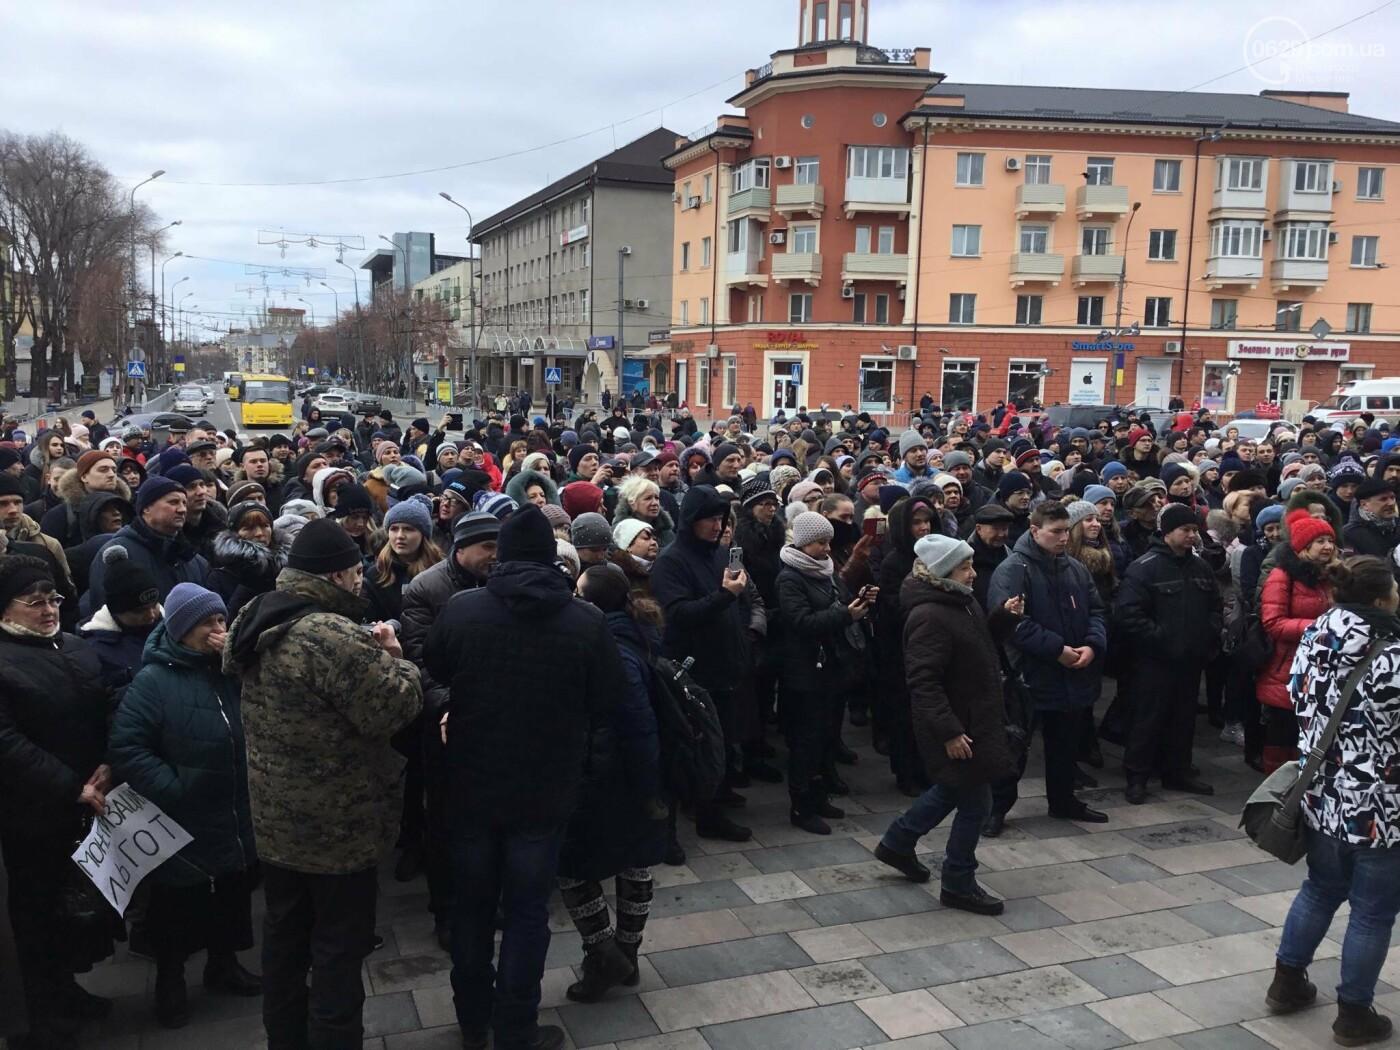 Мариупольцы митингуют против повышения тарифов на проезд, - ФОТО, ВИДЕО, Дополняется, фото-10